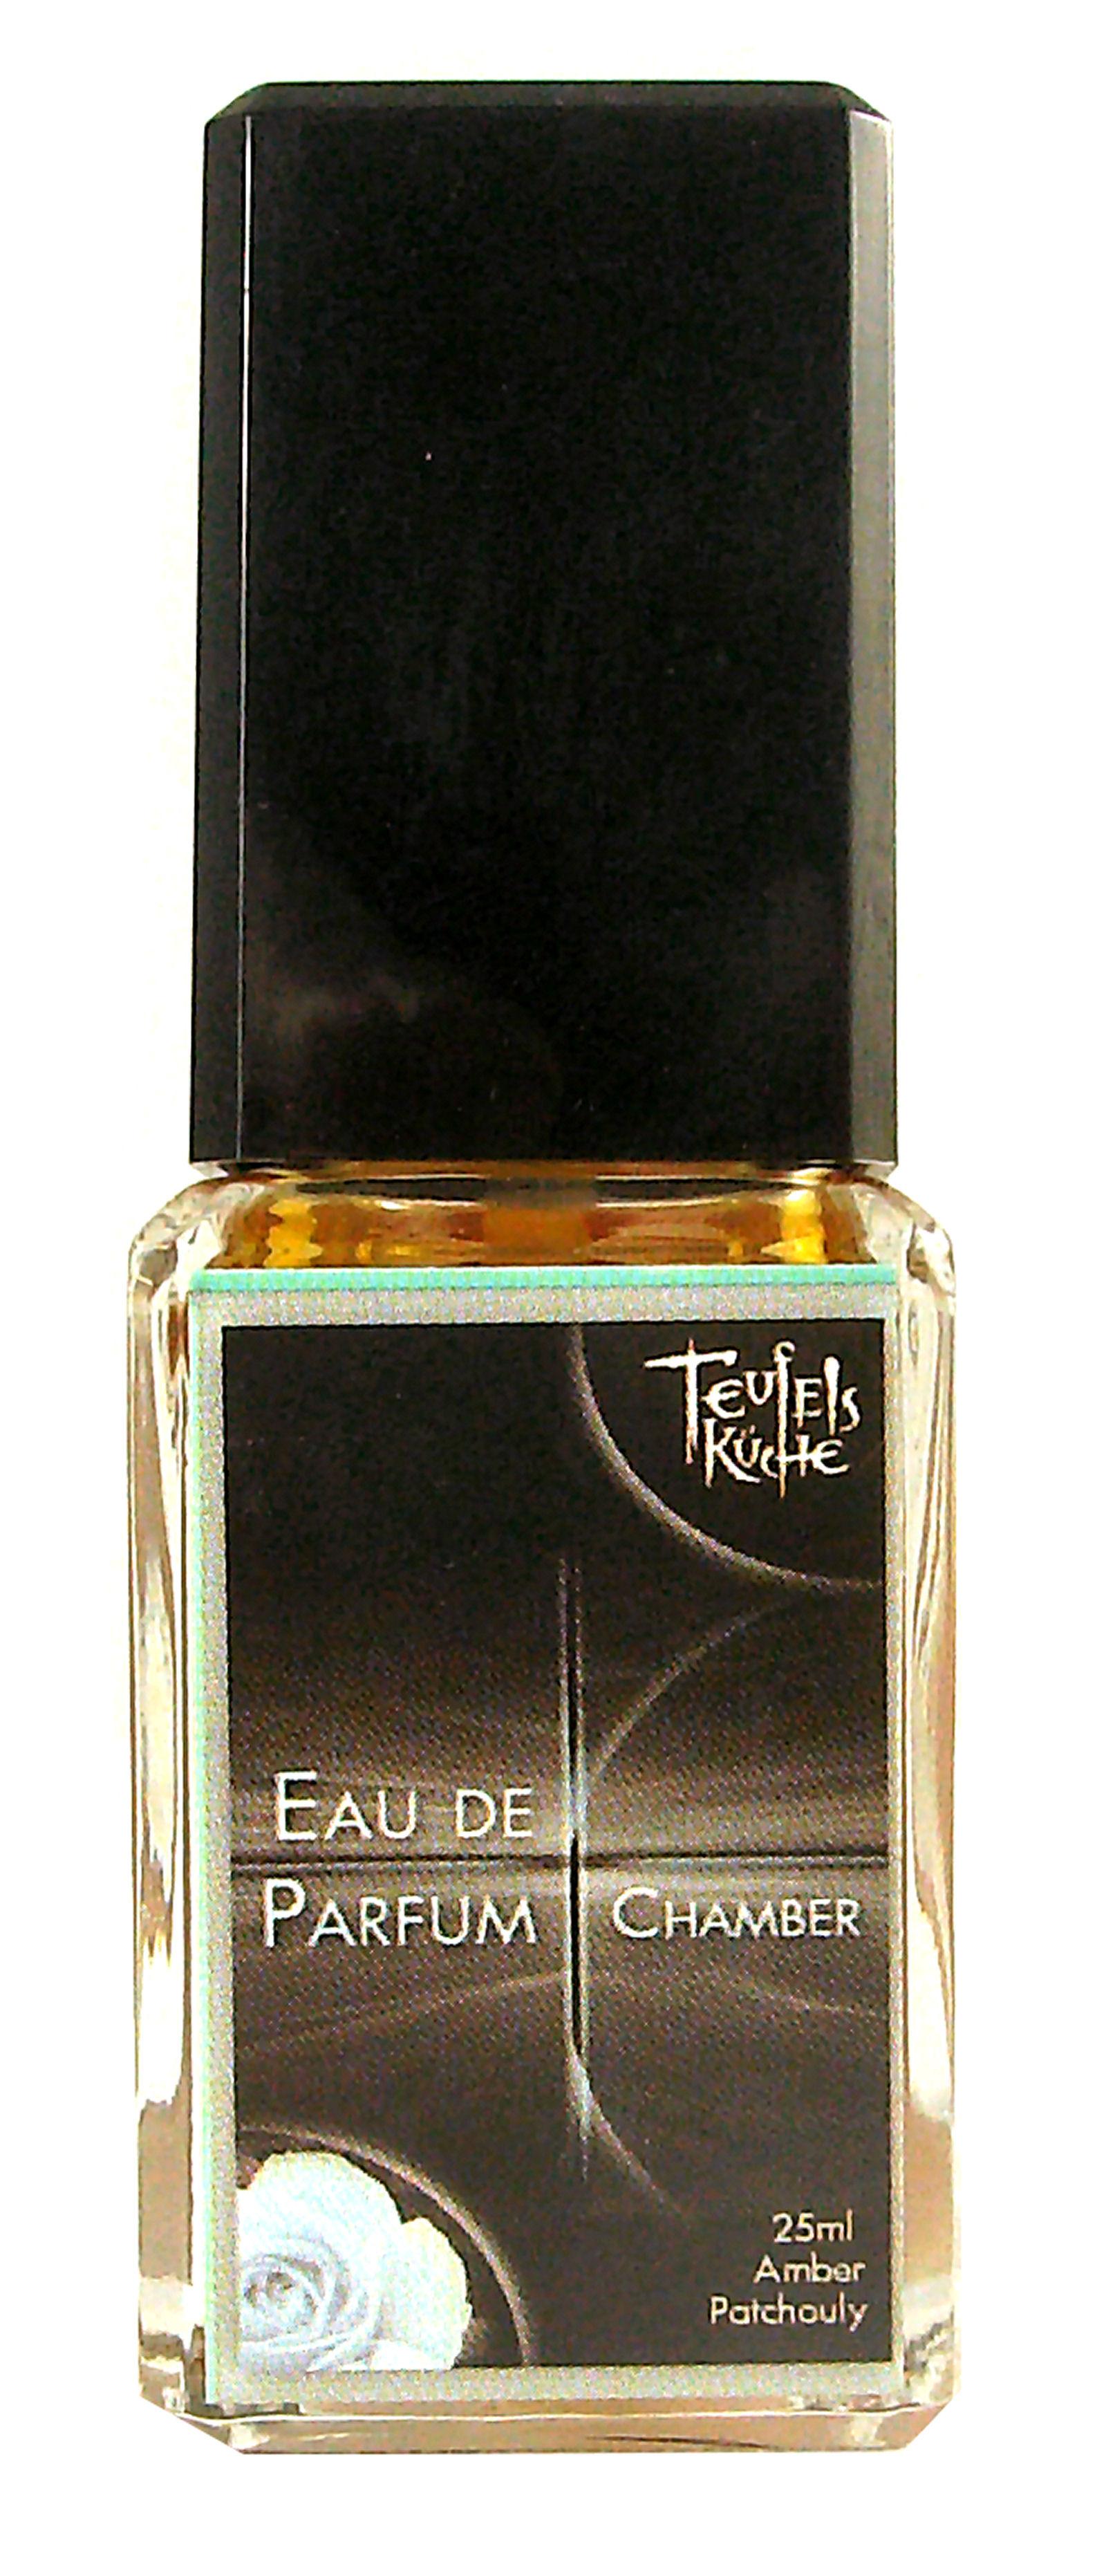 Patchouli Chamber, Eau de Parfüm 25 ml